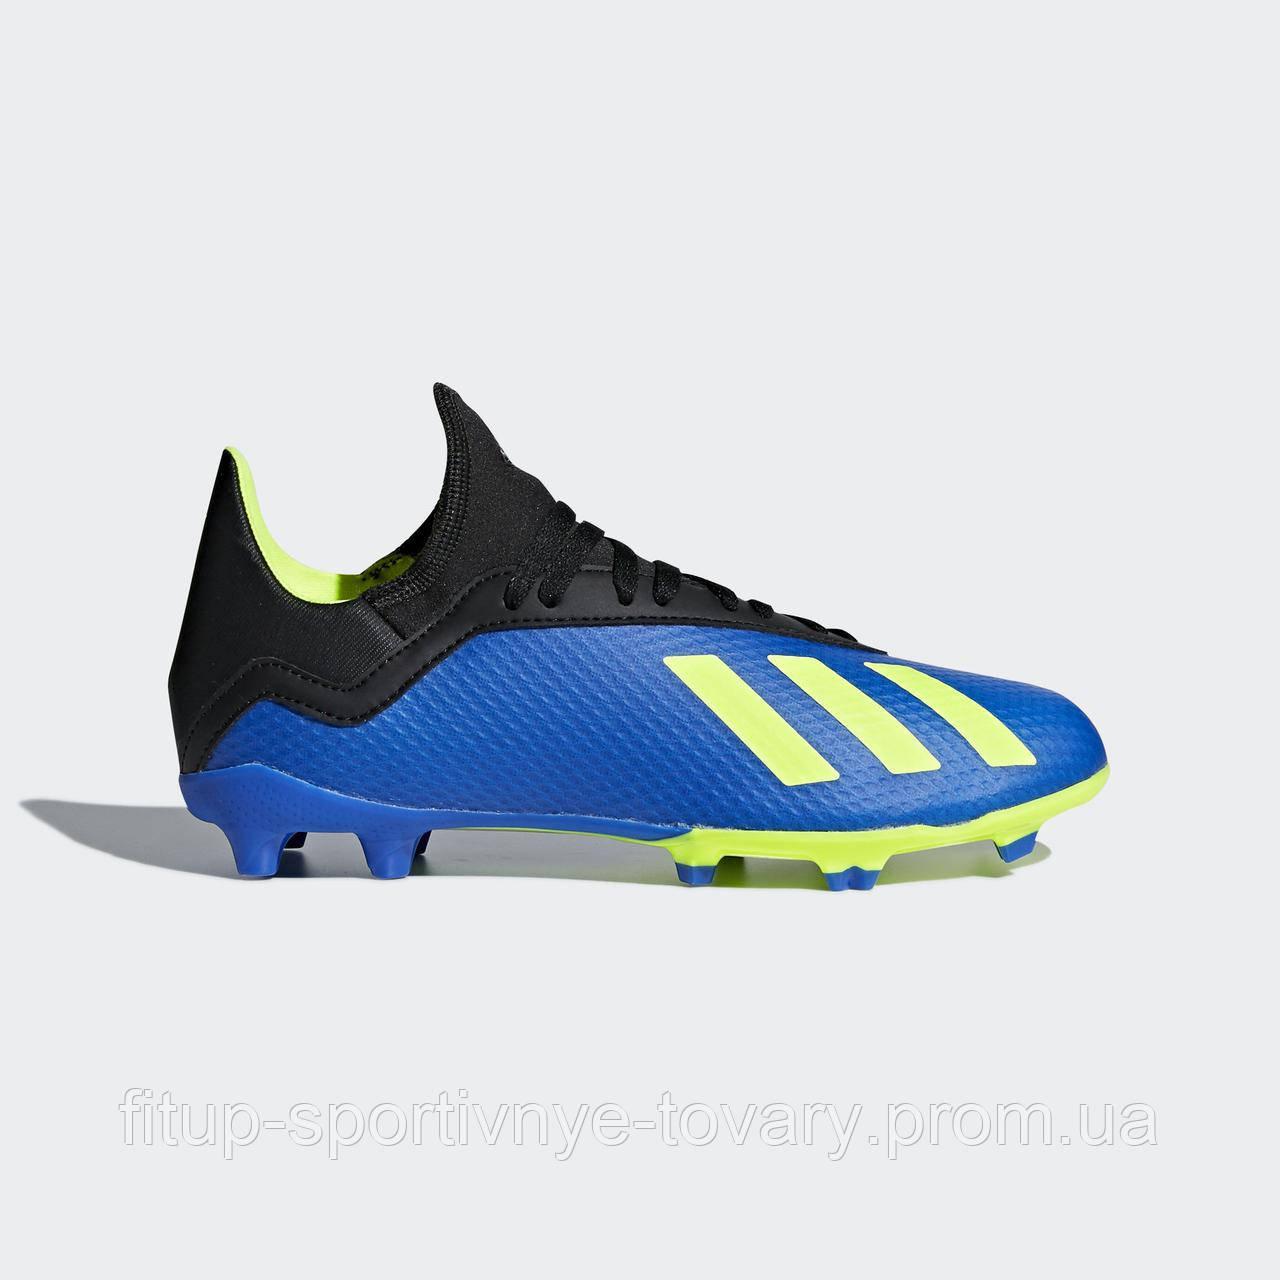 Бутсы детские Adidas X 18.3 FG J DB2416 - FITUP. Спортивные товары в Киеве 7e481eca739